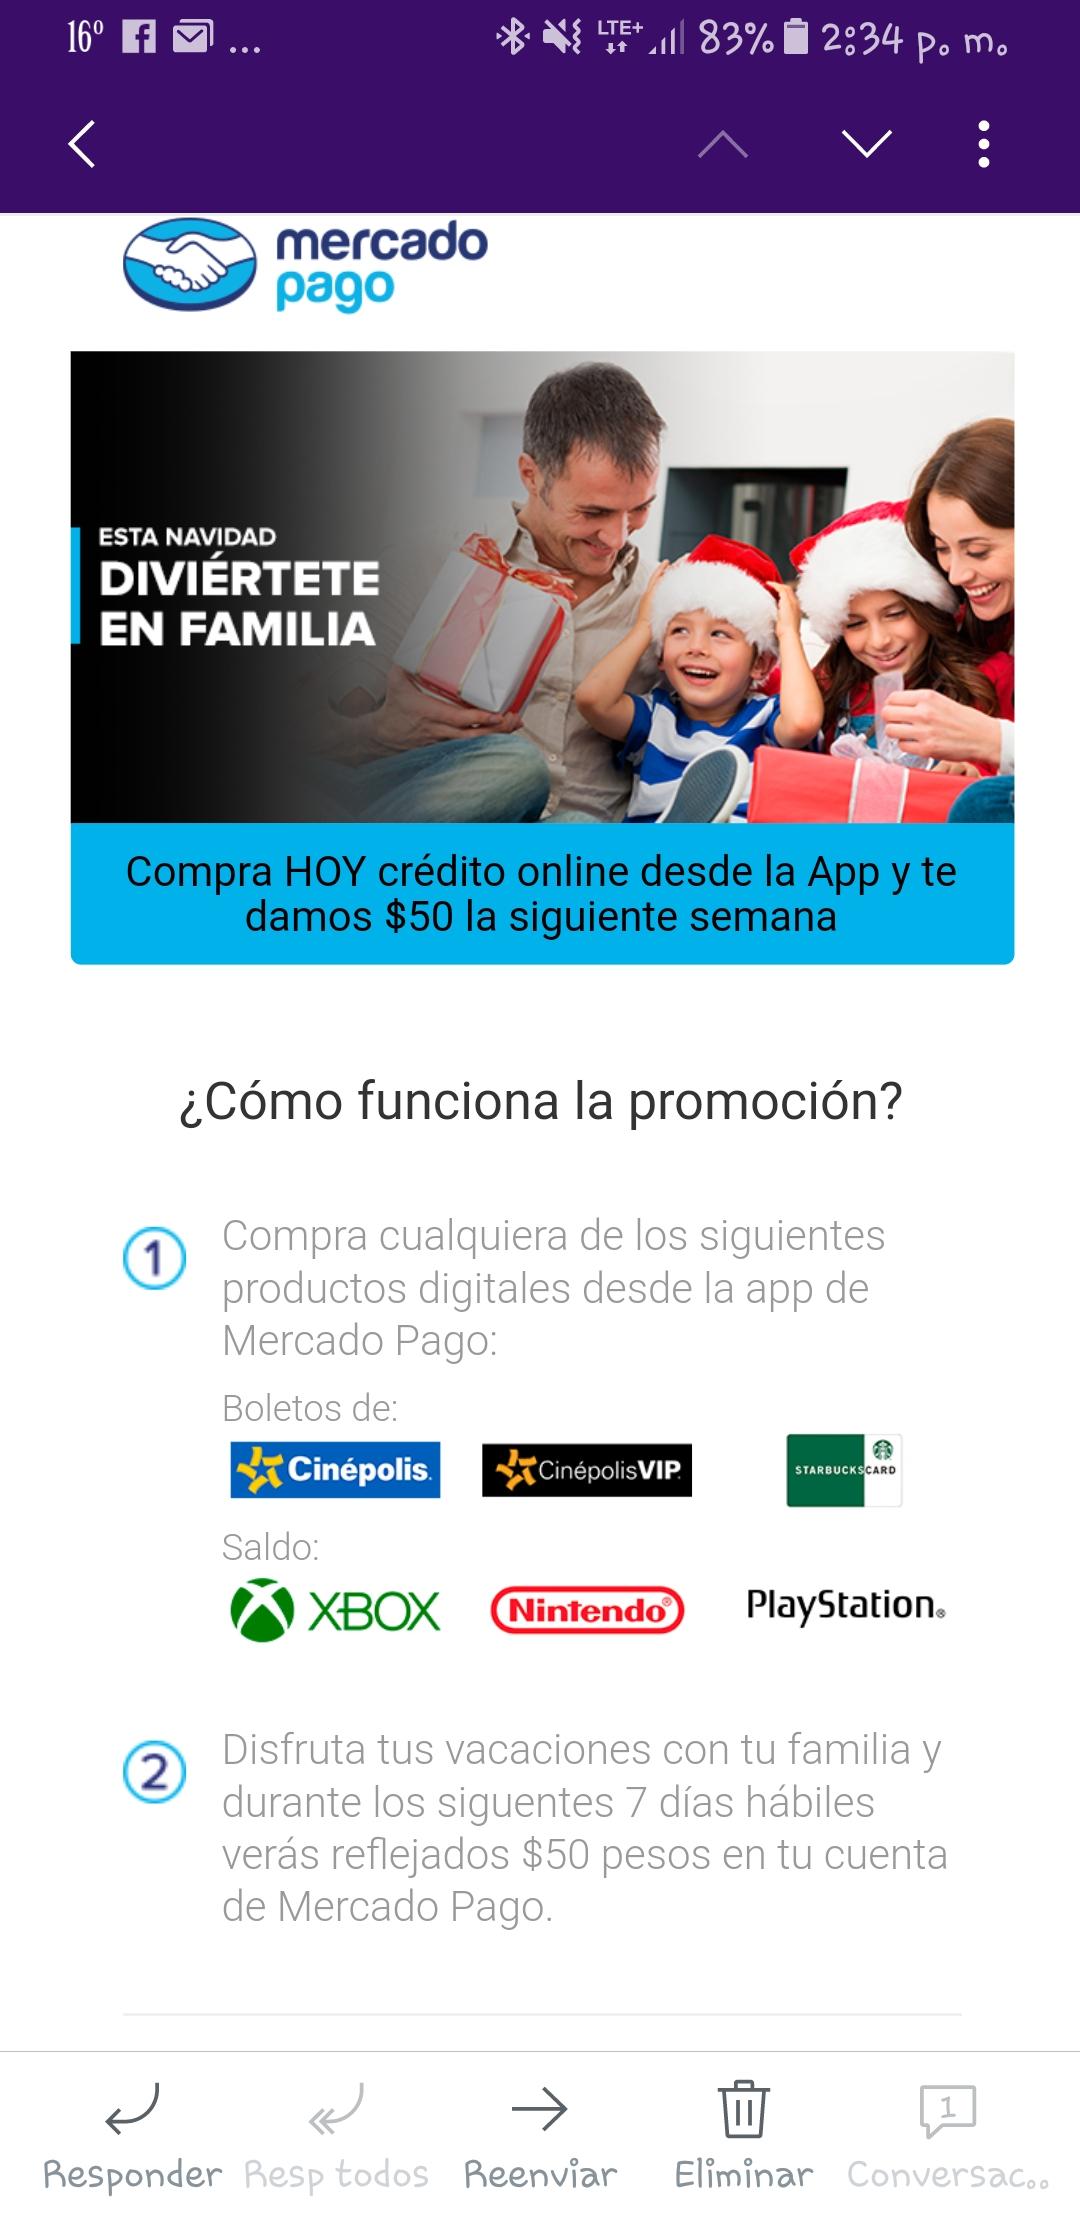 MERCADO PAGO: $50 DE REEMBOLSO AL COMPRAR CRÉDITO de servicios seleccionados  DESDE LA APP